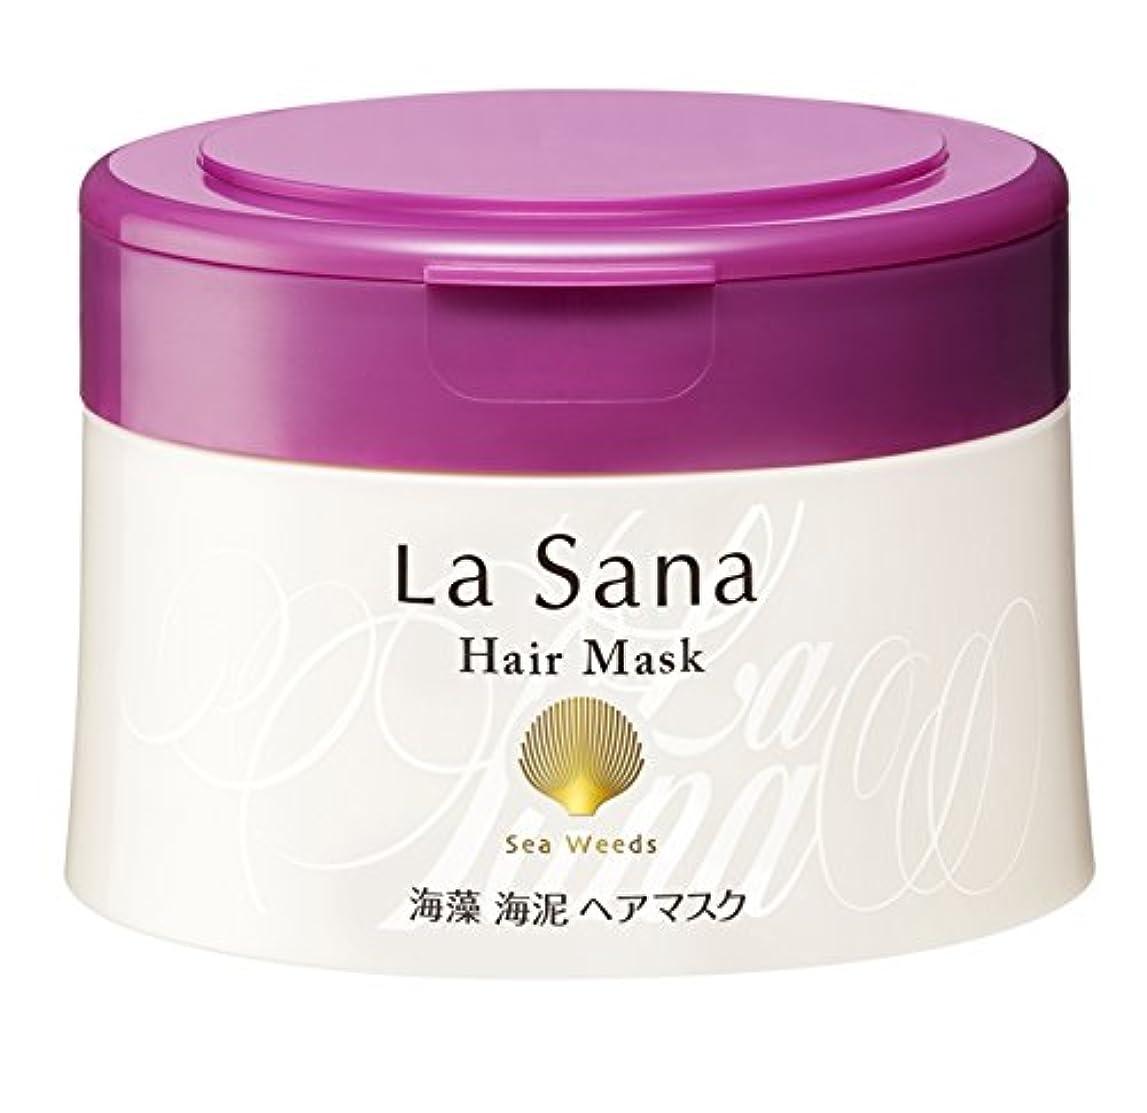 罰する日してはいけませんラサーナ 海藻 海泥 ヘアマスク (ヘアパック) ローズヒップの香り 210g